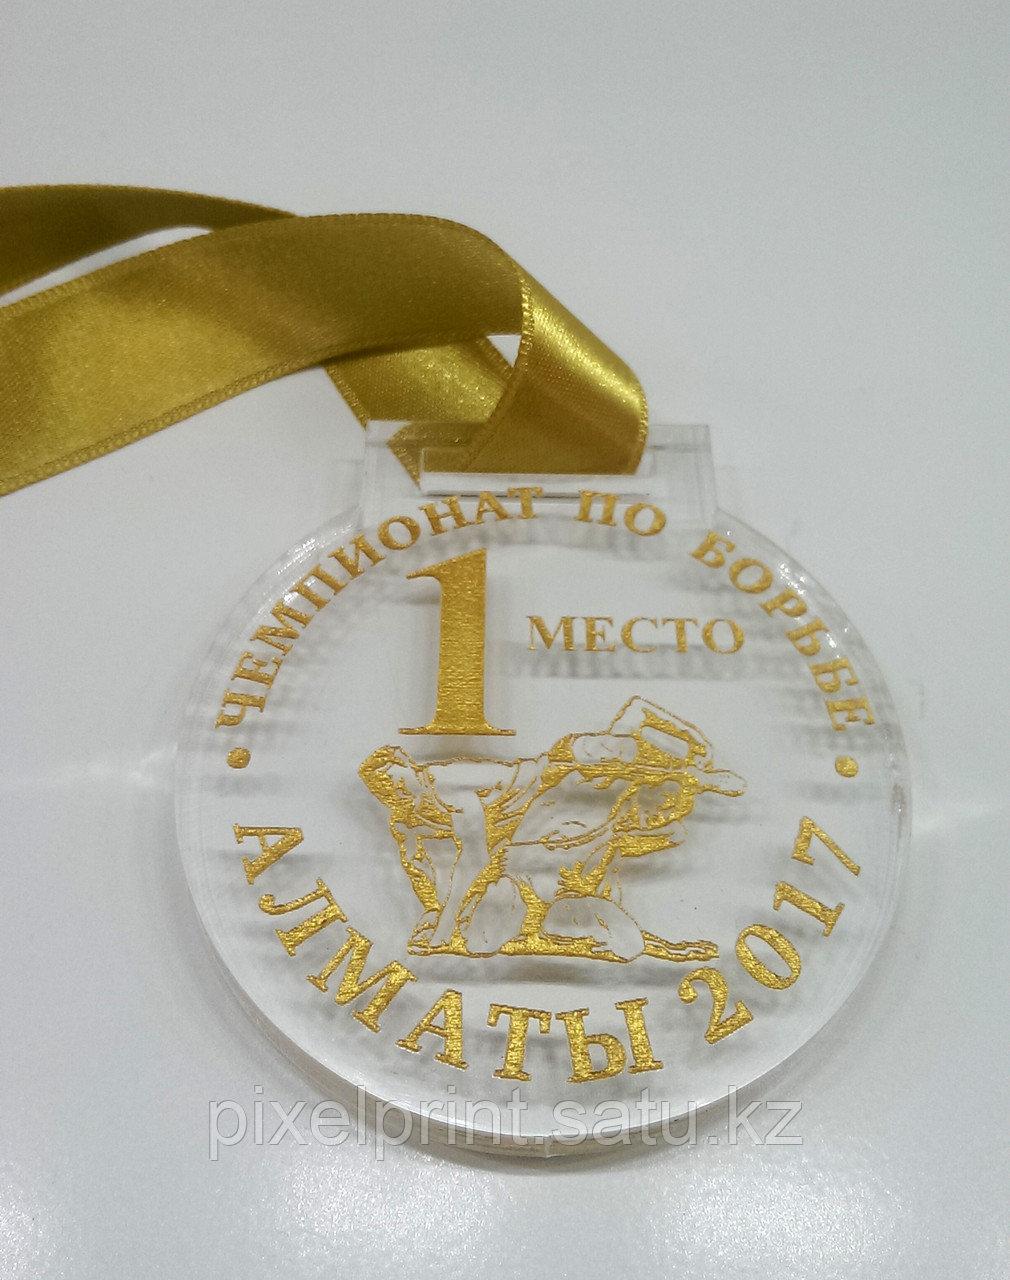 Медали наградные на ленте